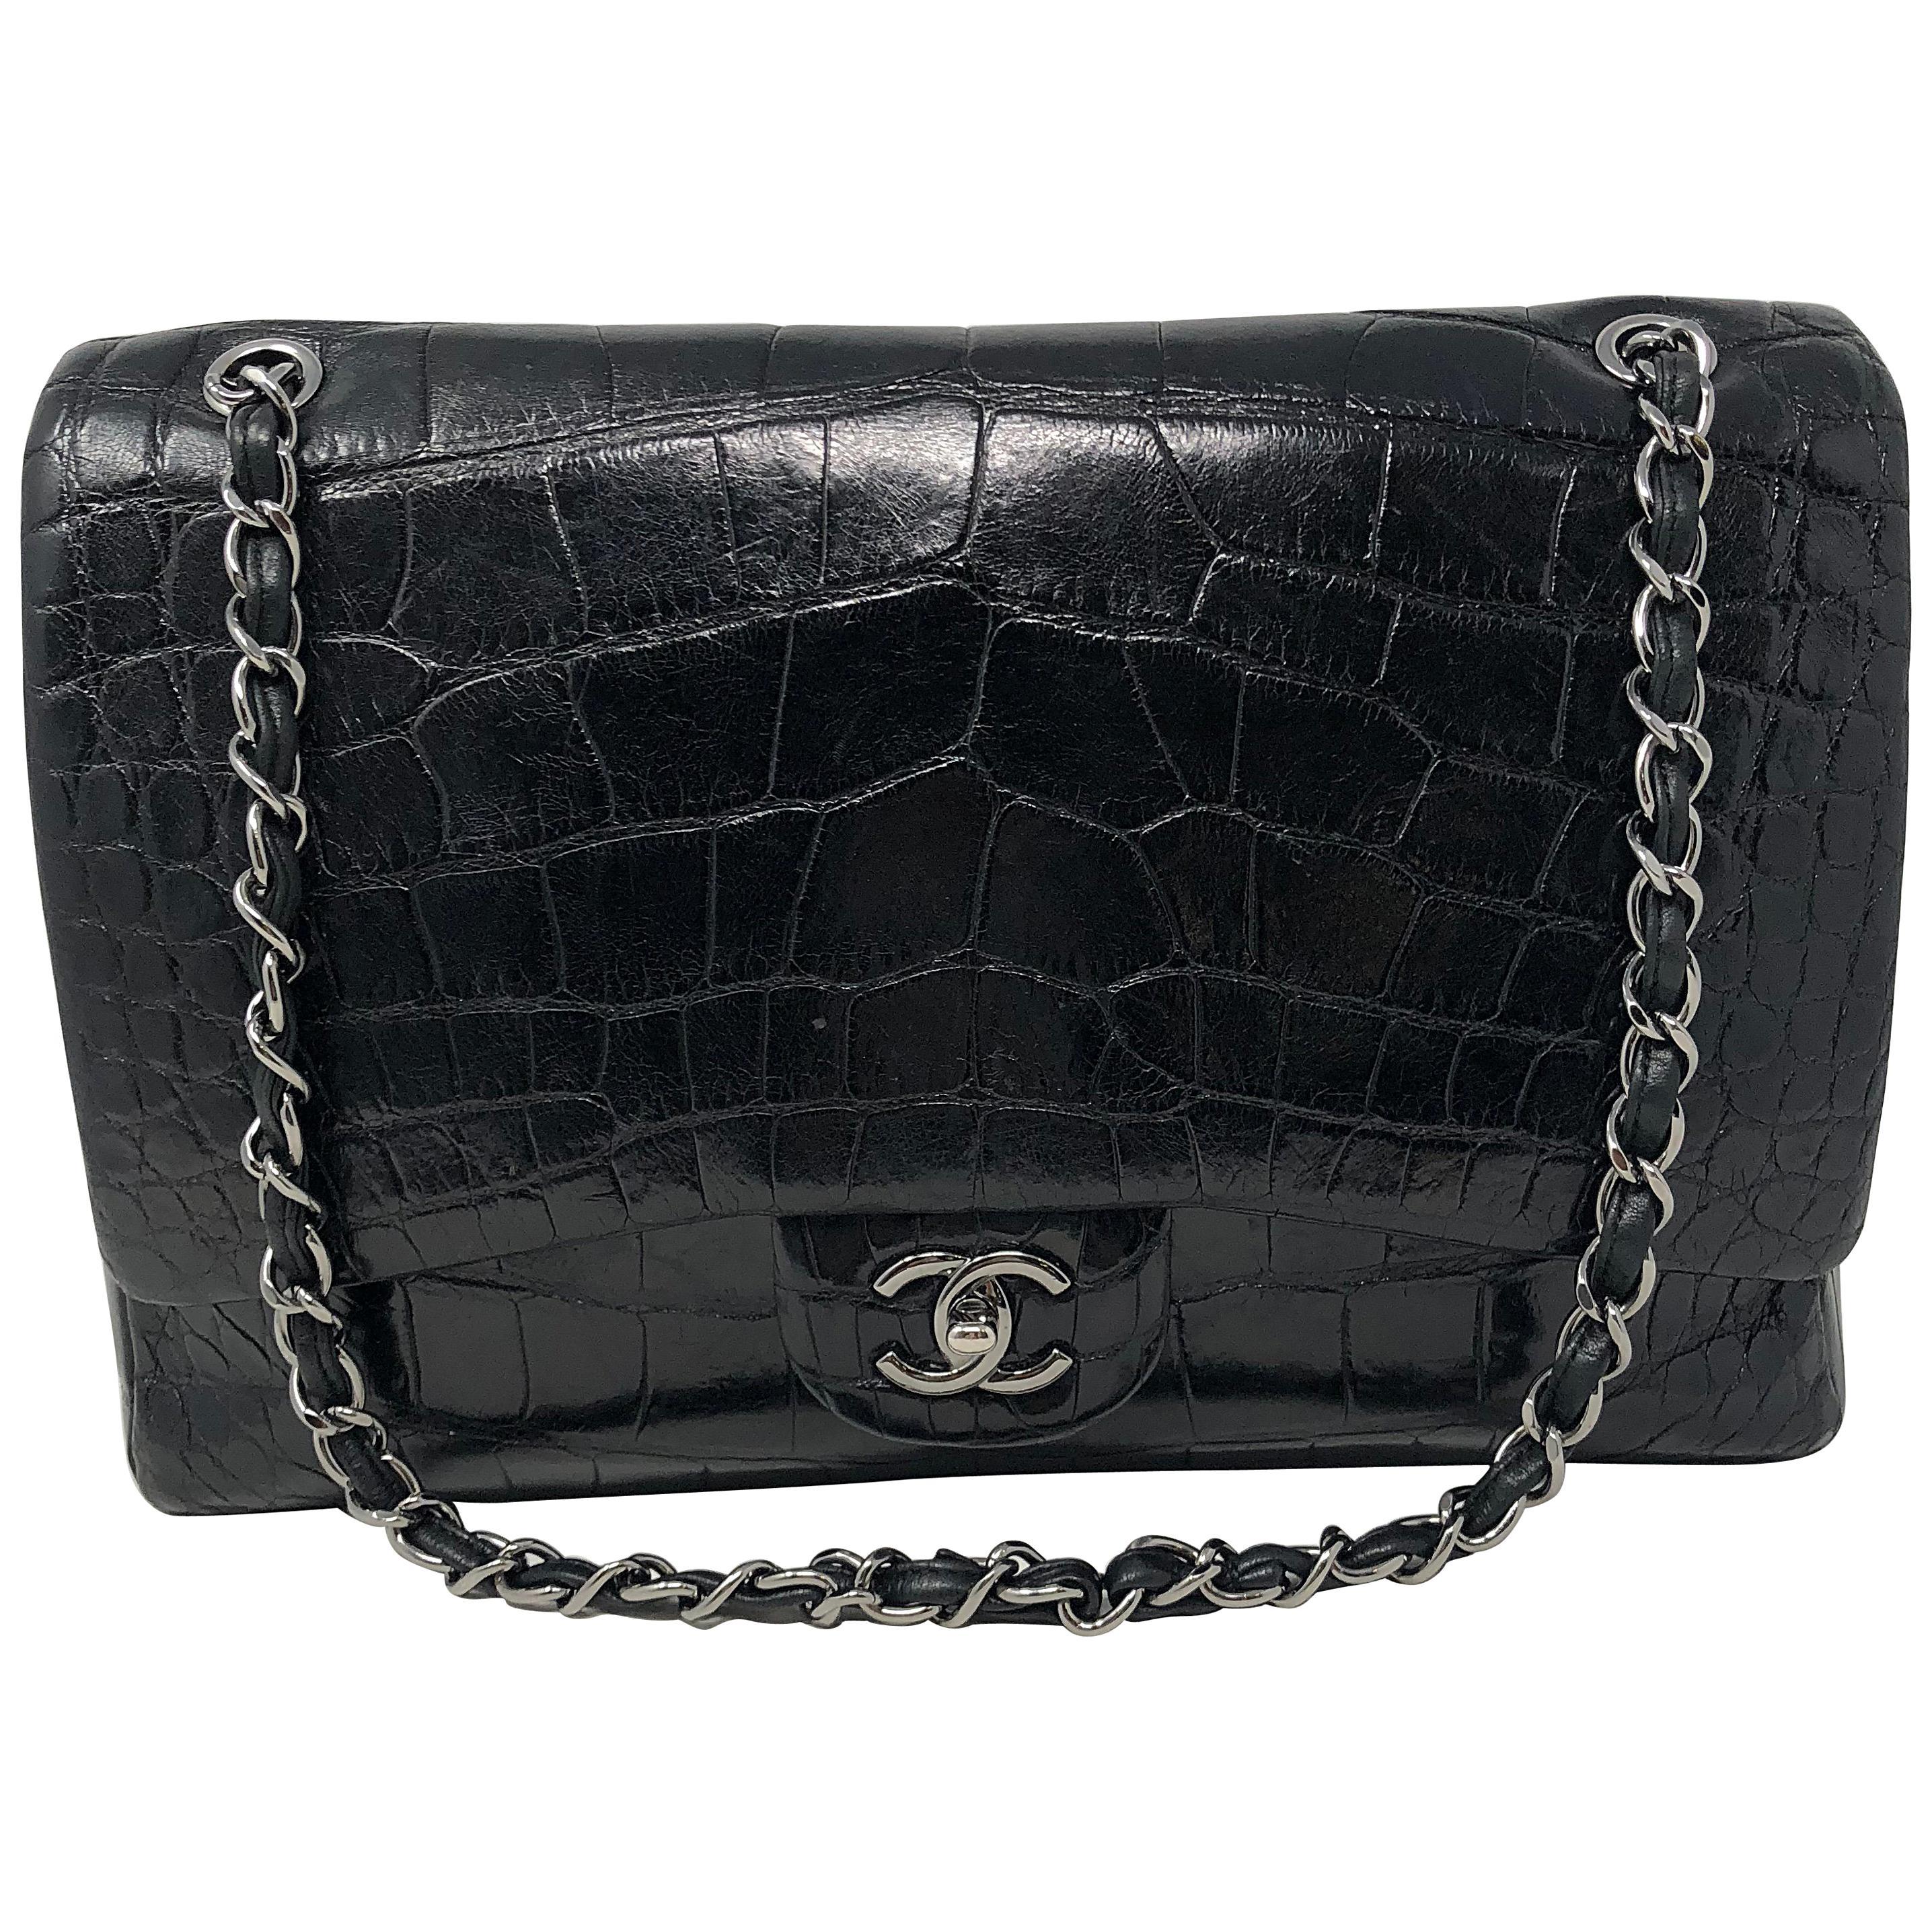 Chanel Crocodile Black Jumbo Bag